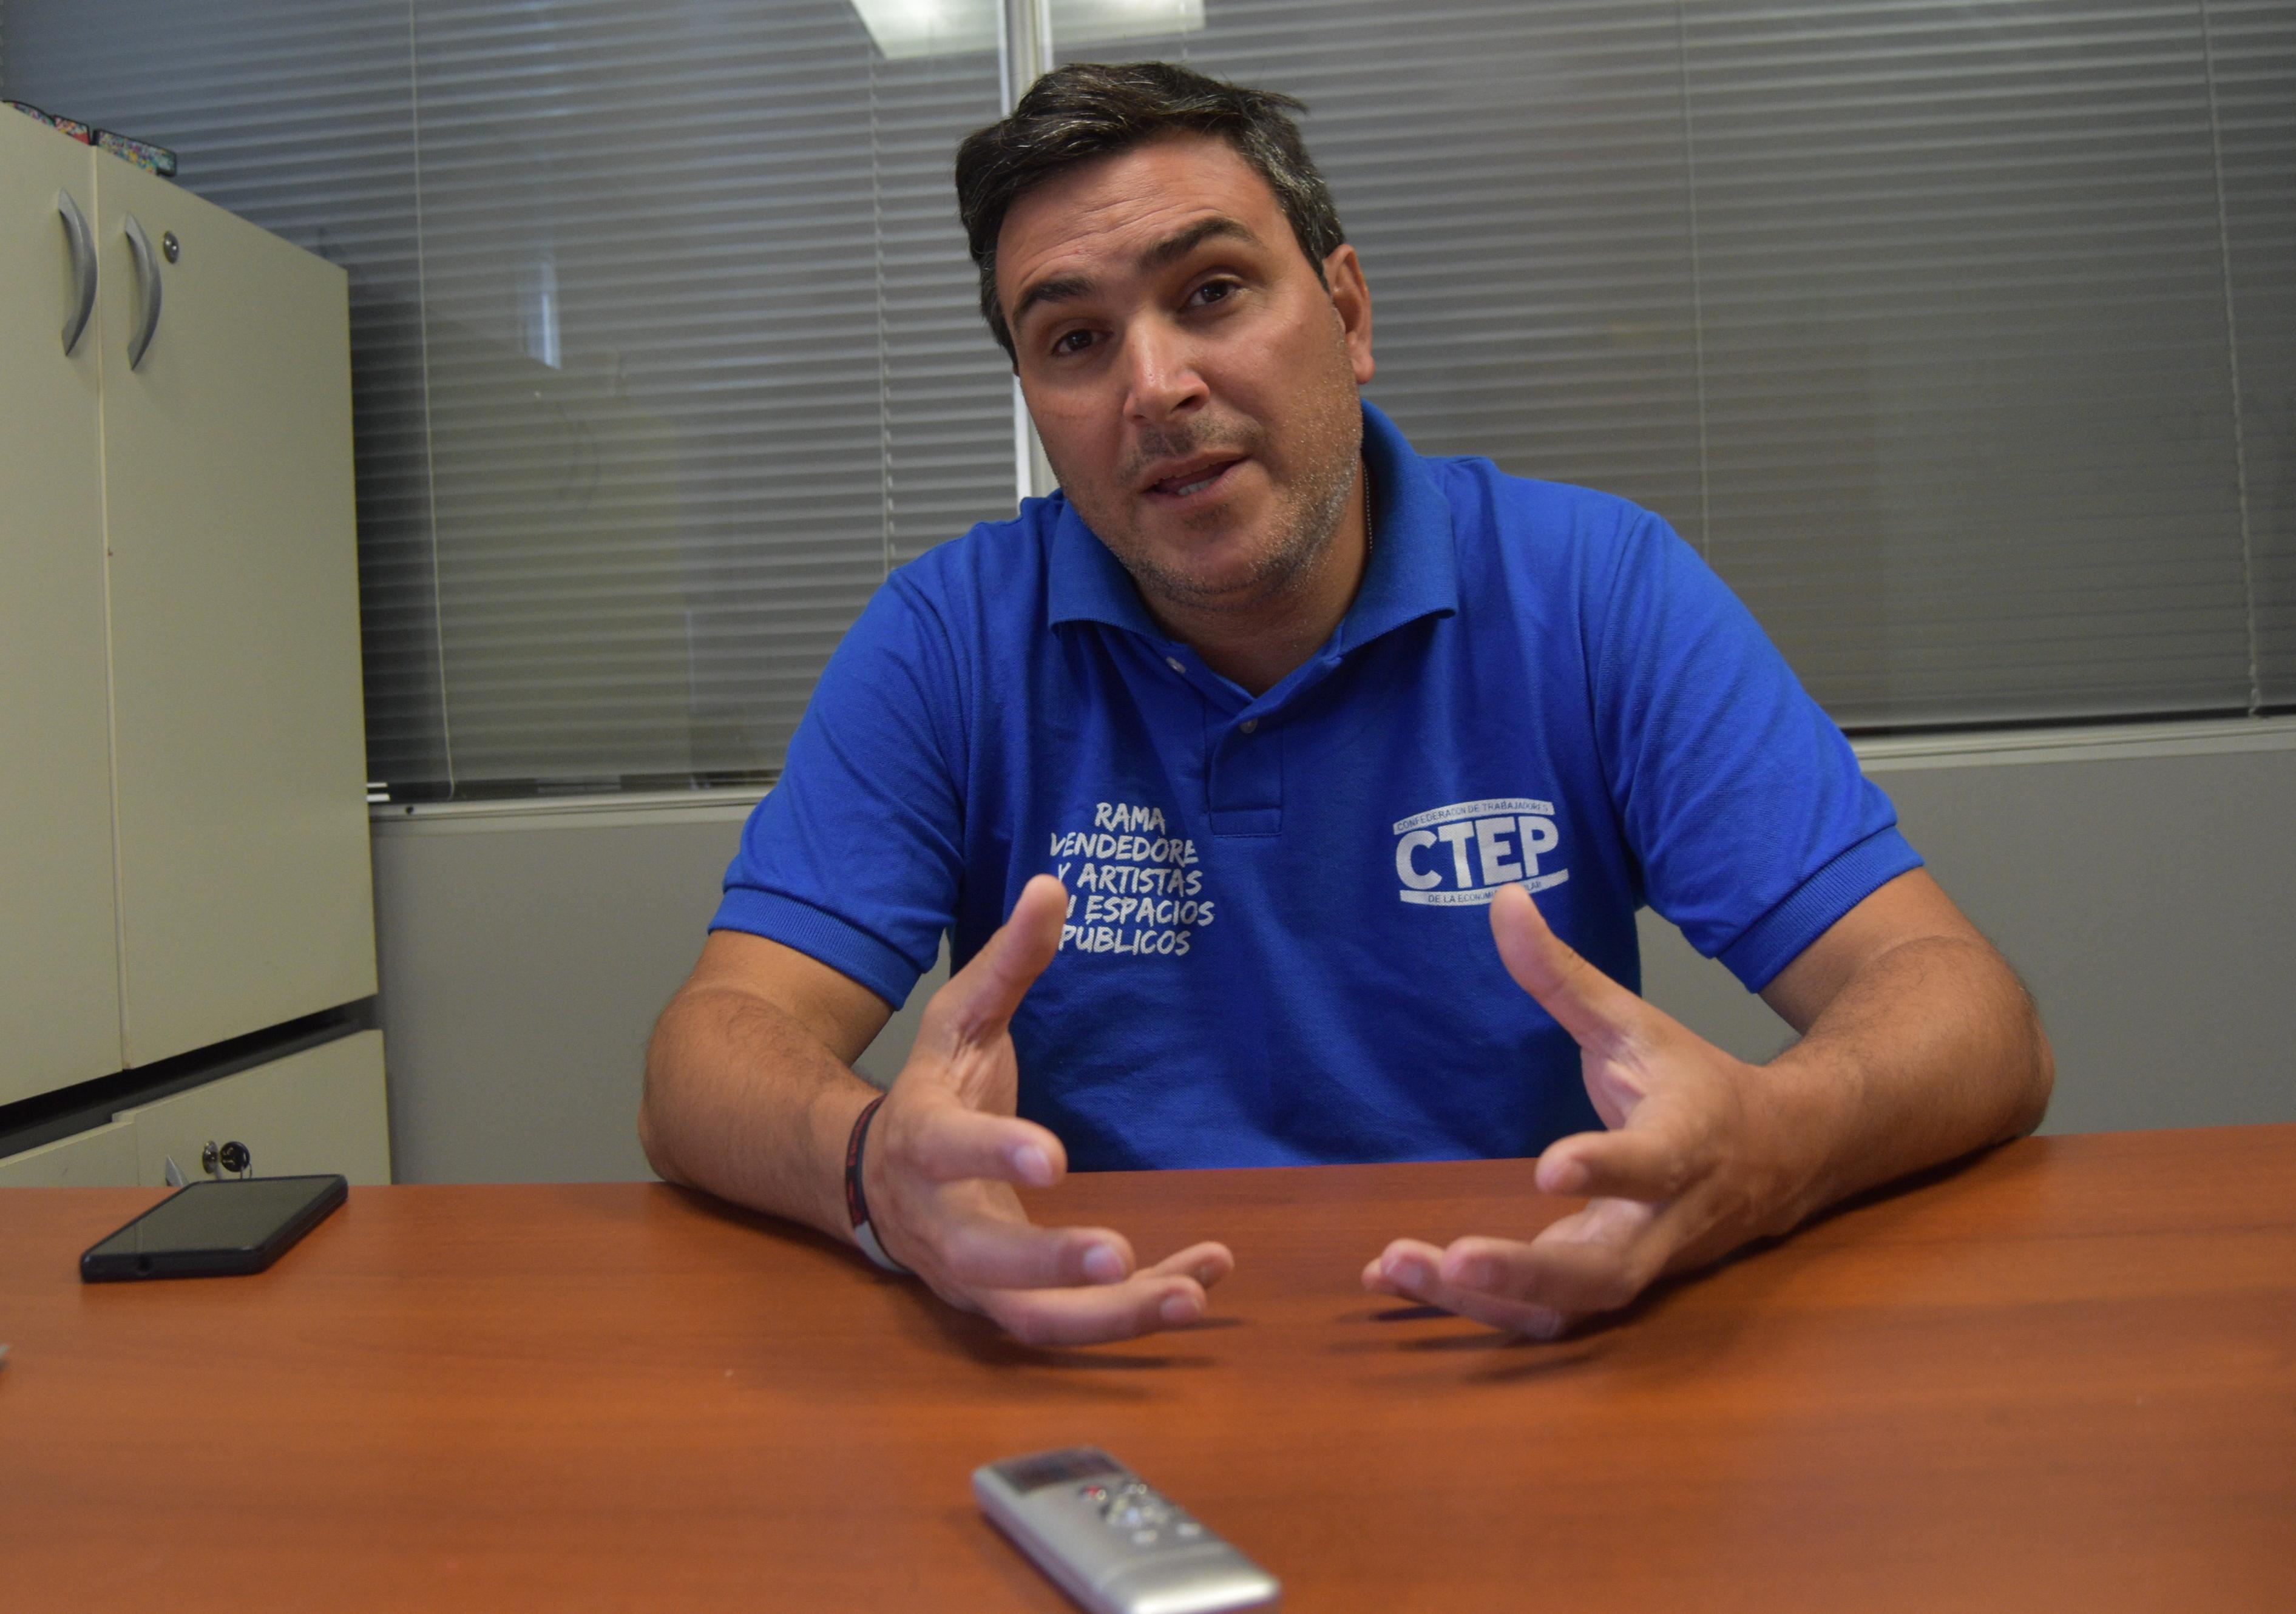 """Dirigente del Movimiento Evita y CTEP destacá que """"la unidad se está gestando desde abajo"""""""